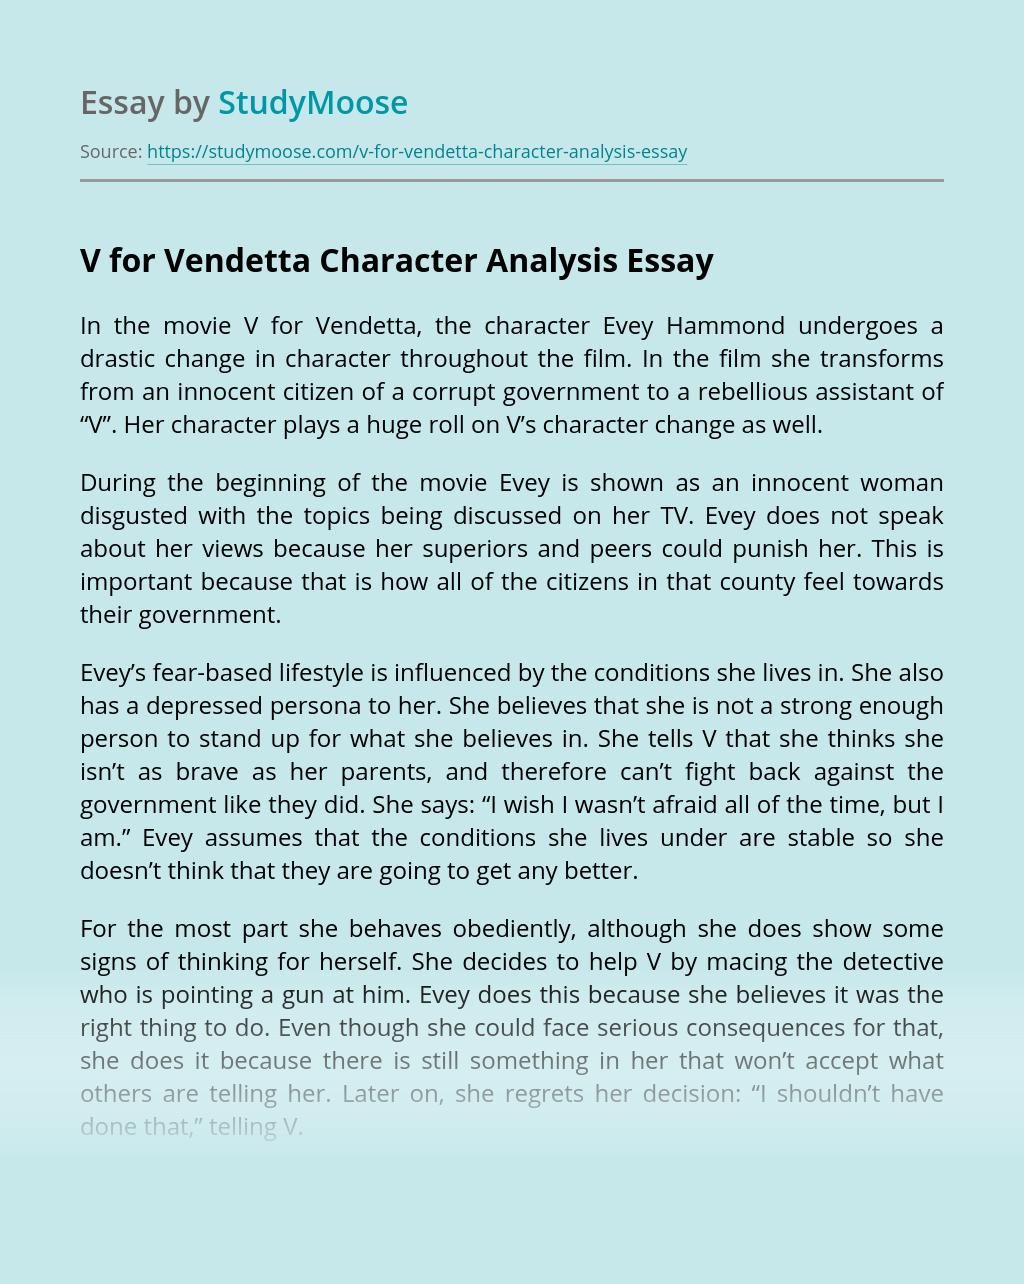 V for Vendetta Character Analysis